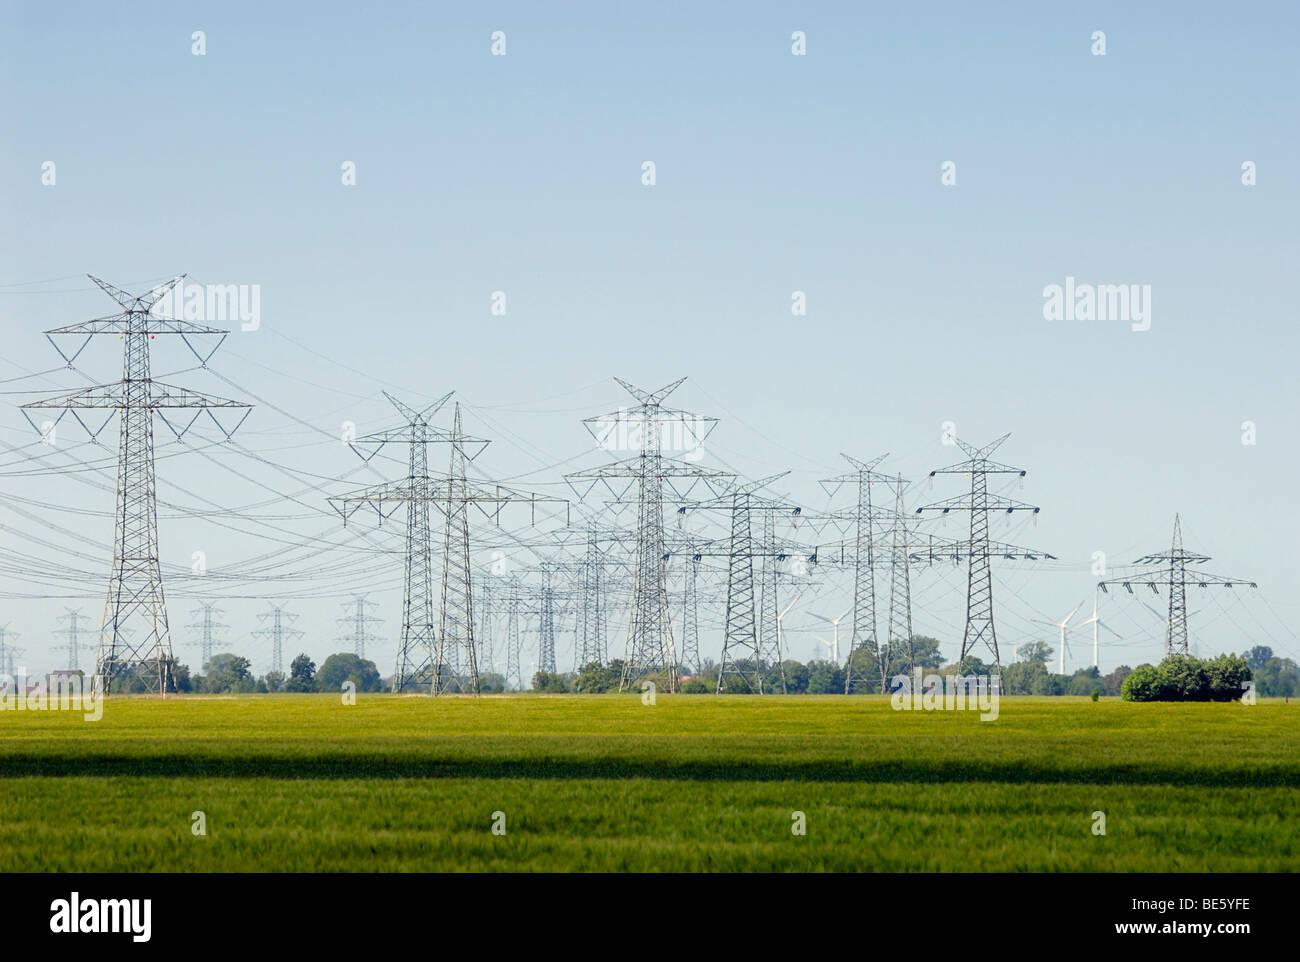 Overhead line, high-voltage line in the agricultural landscape, Krempermarsch, Steinburg district, Schleswig-Holstein, - Stock Image